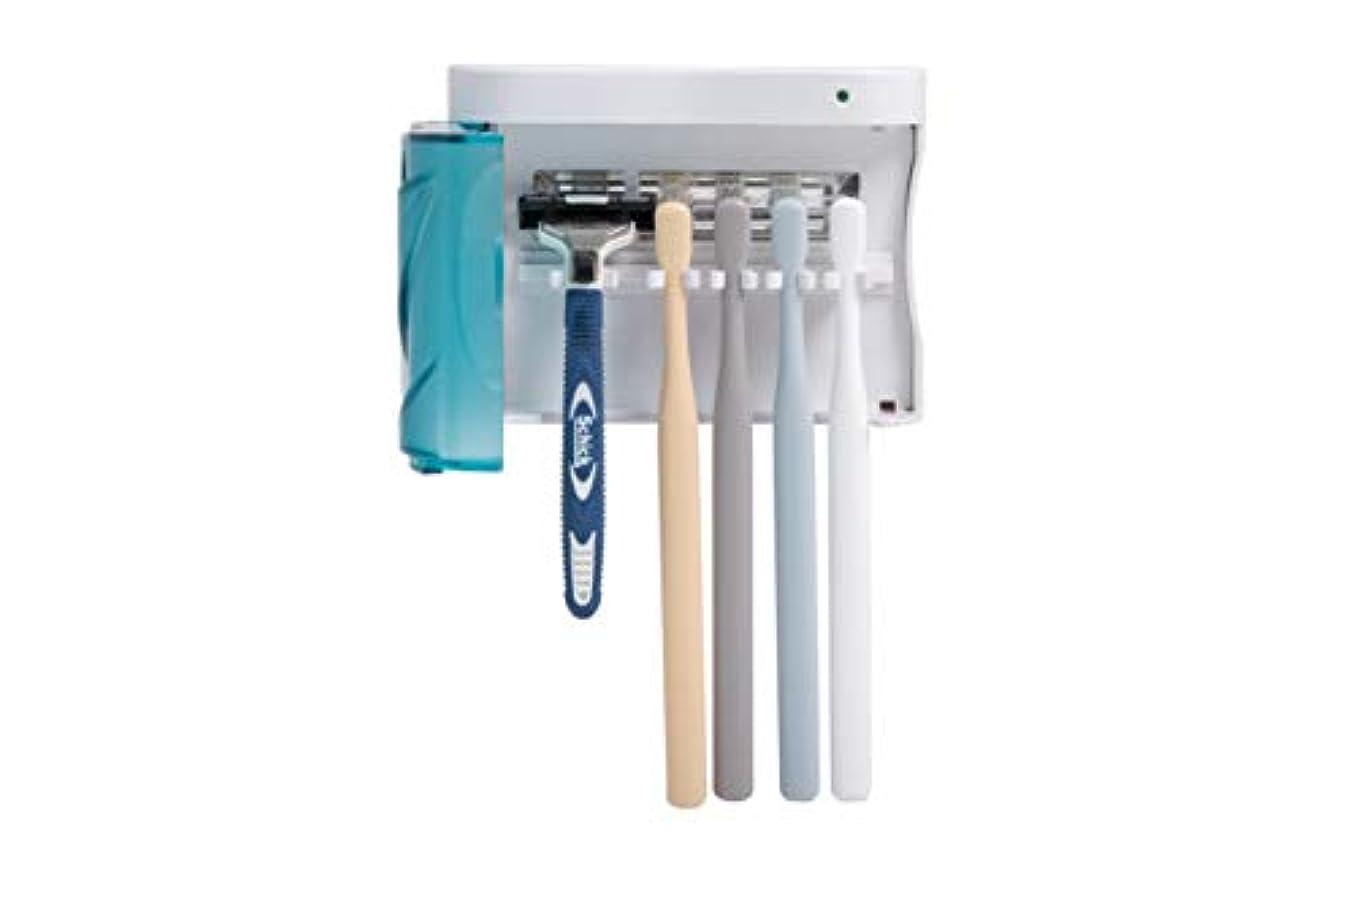 隙間権限固執HITOP UV歯ブラシ除菌器、壁掛け式家庭用UV歯ブラシ除菌機、効果的な紫外線消毒、歯ブラシ収納ホルダー、電動ブラシにも適用、家族全員用 (家族全員用)